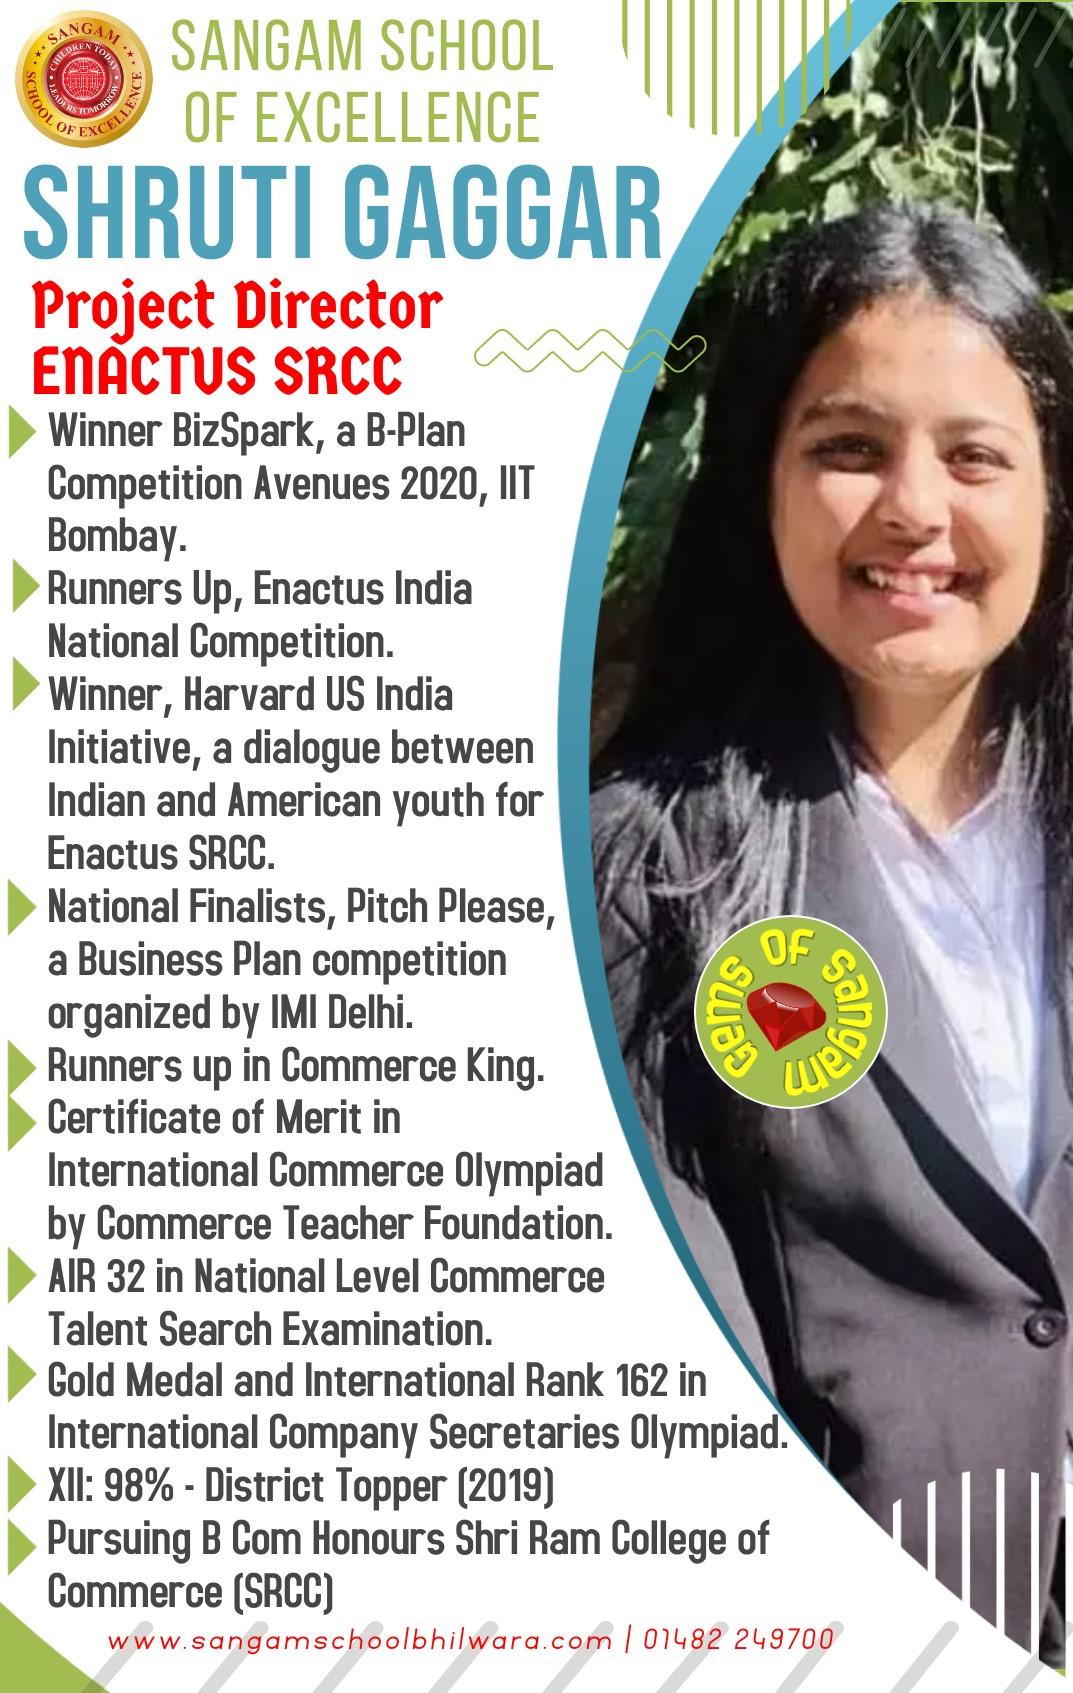 Shruti Gaggar, Project Director at Enactus SRCC